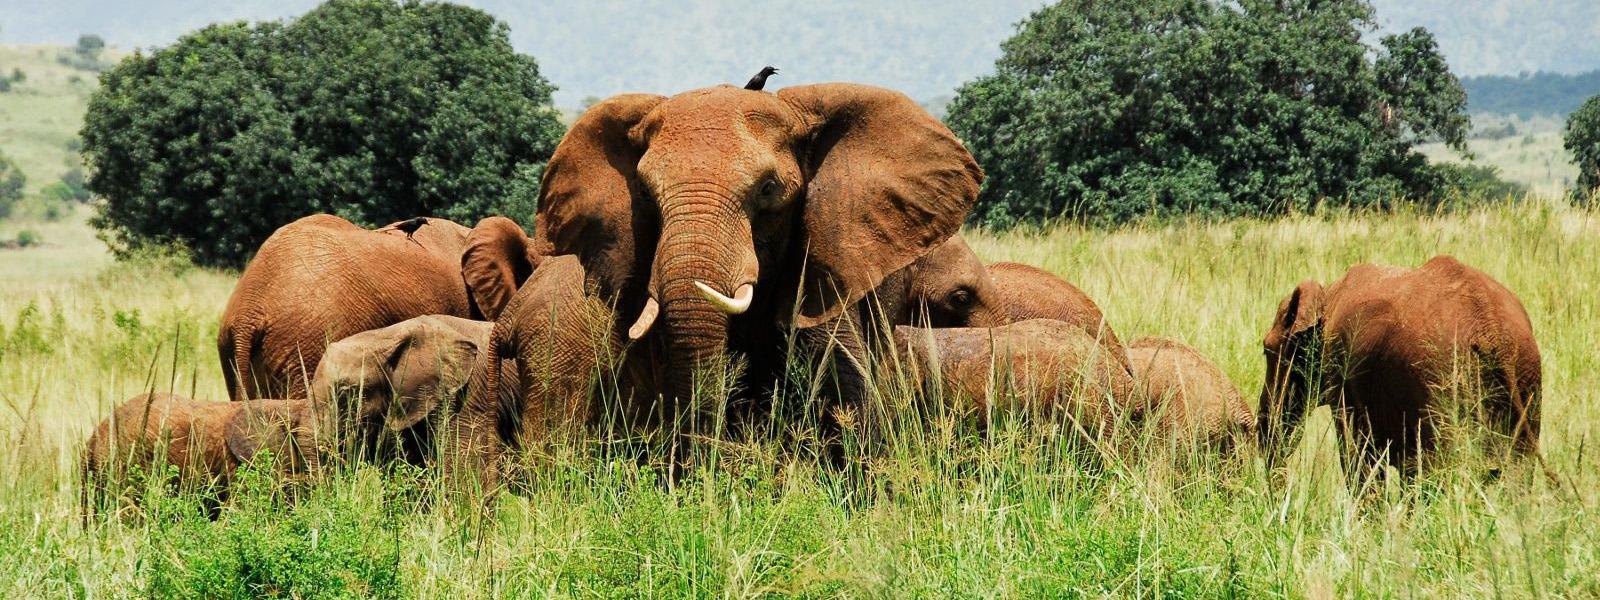 Tanzania Safaris Tours